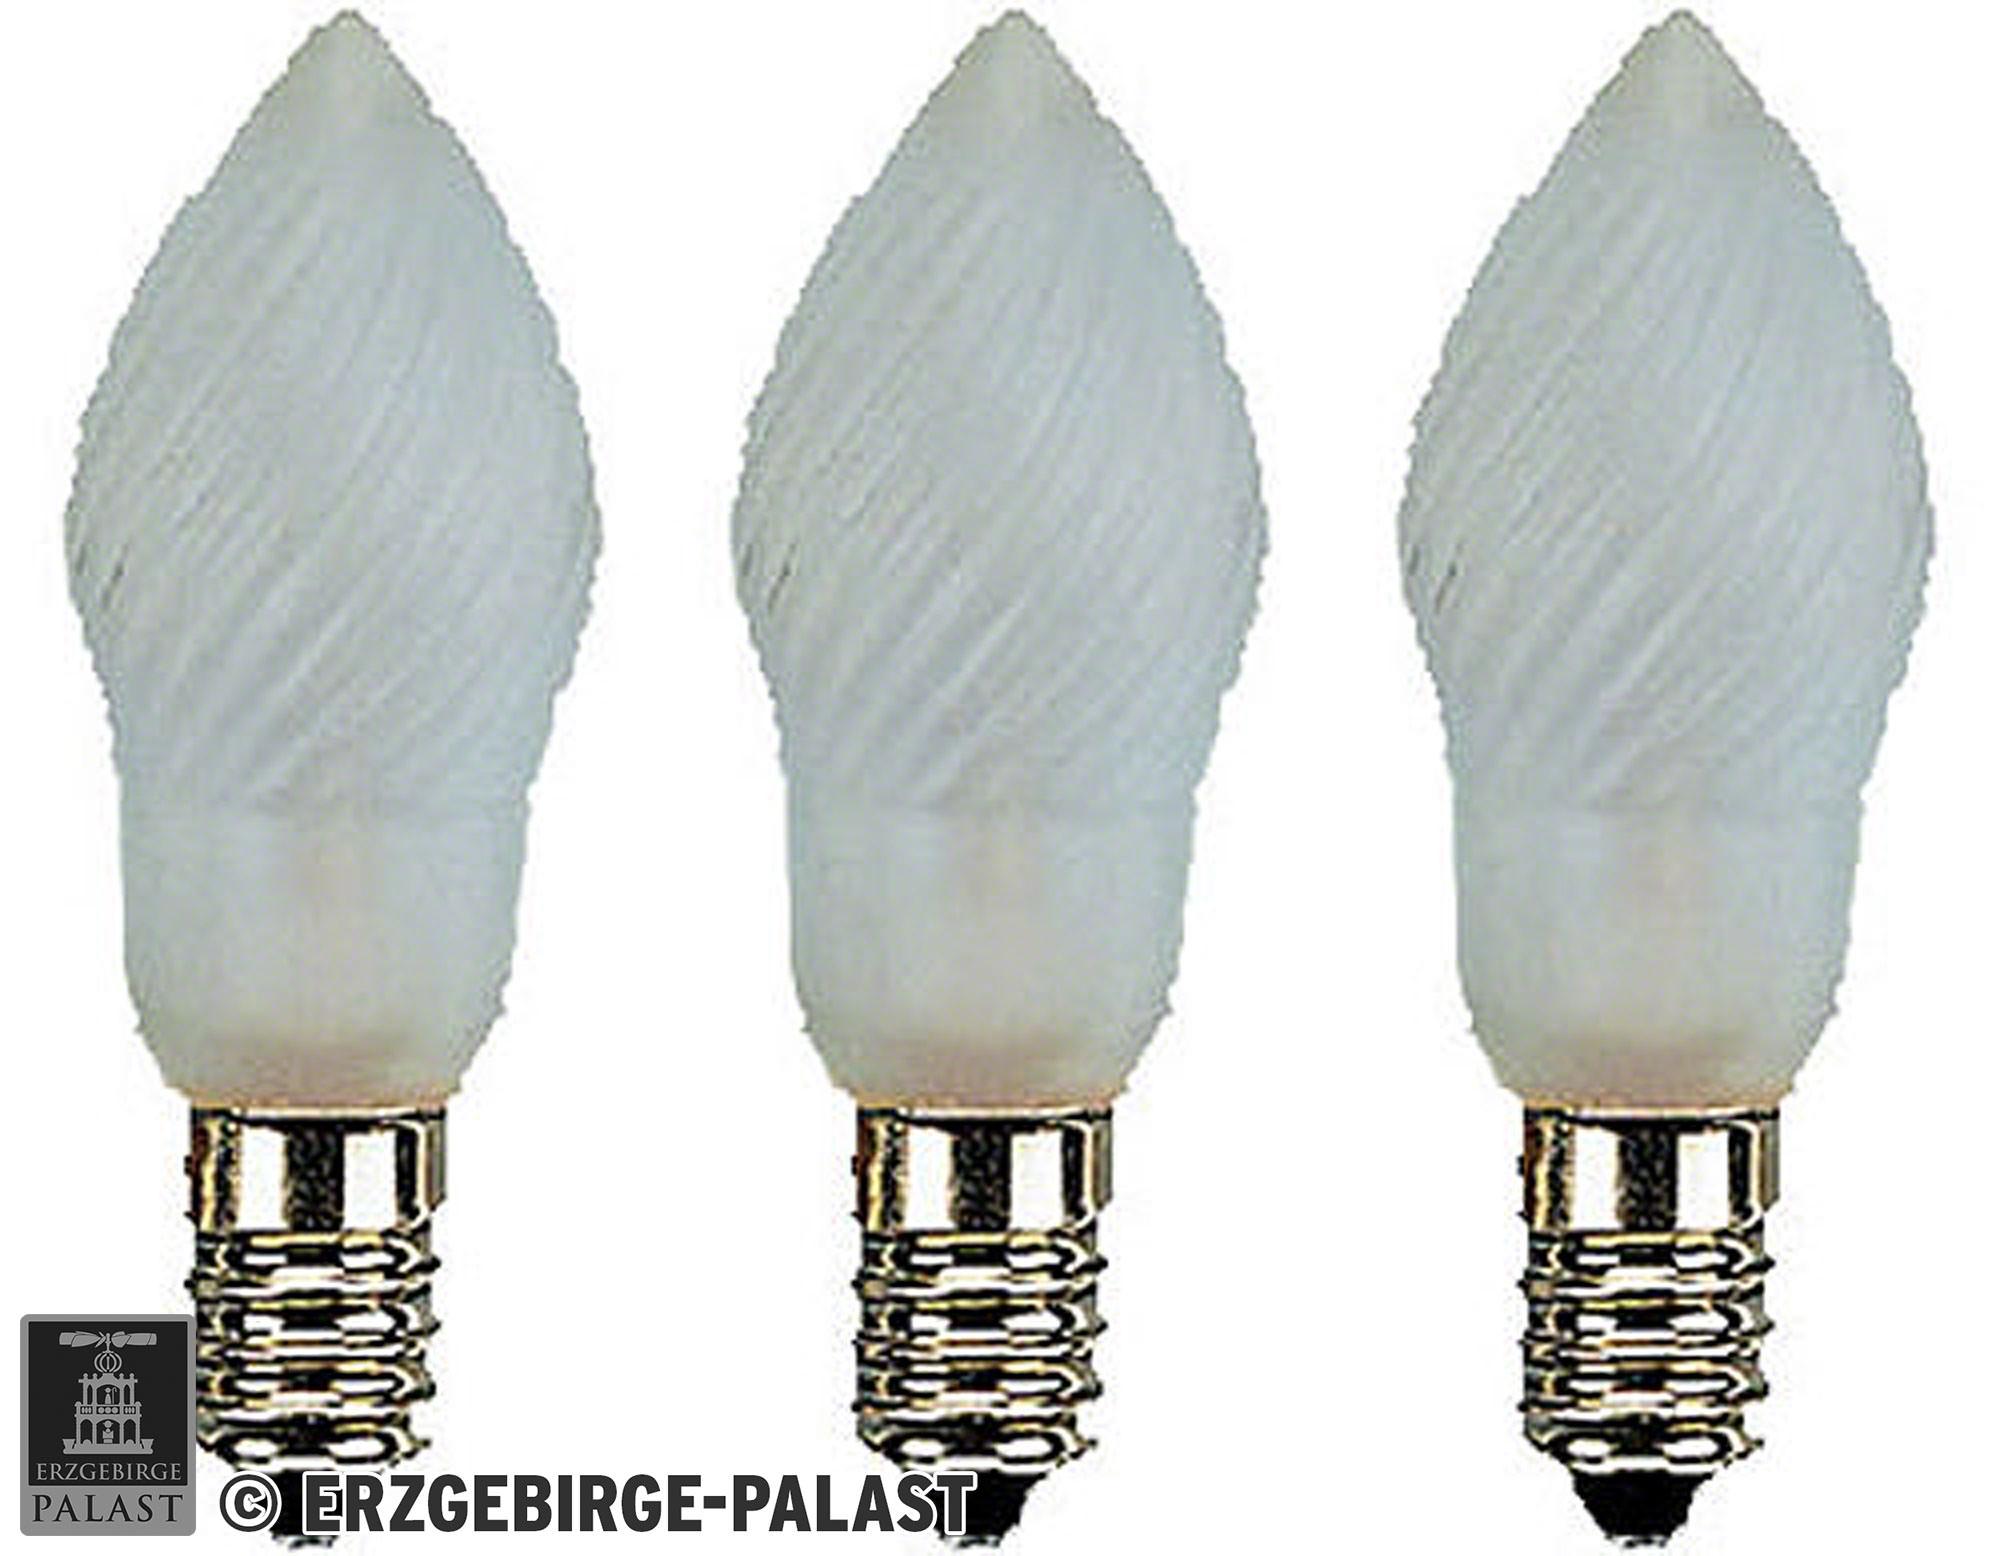 birnenlampe gefrostet sockel e14 12v 3w von erzgebirge palast. Black Bedroom Furniture Sets. Home Design Ideas